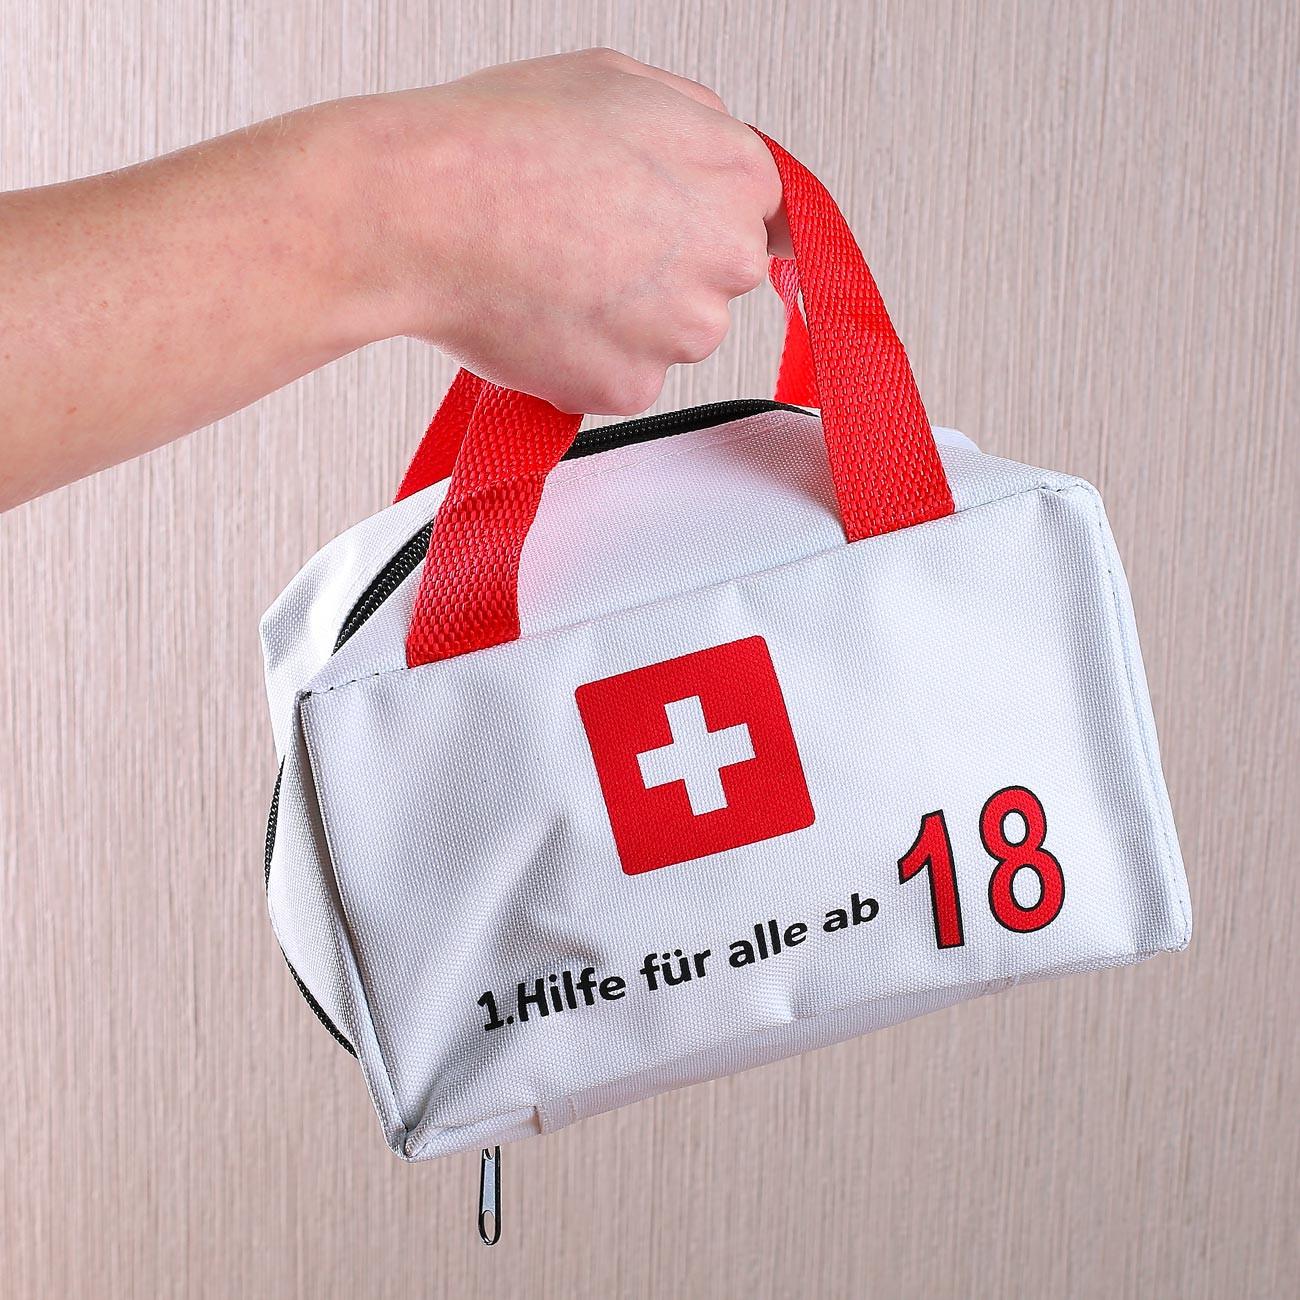 Geschenke Für 18. Geburtstag  kleiner 1 Hilfe Koffer zum 18 Geburtstag